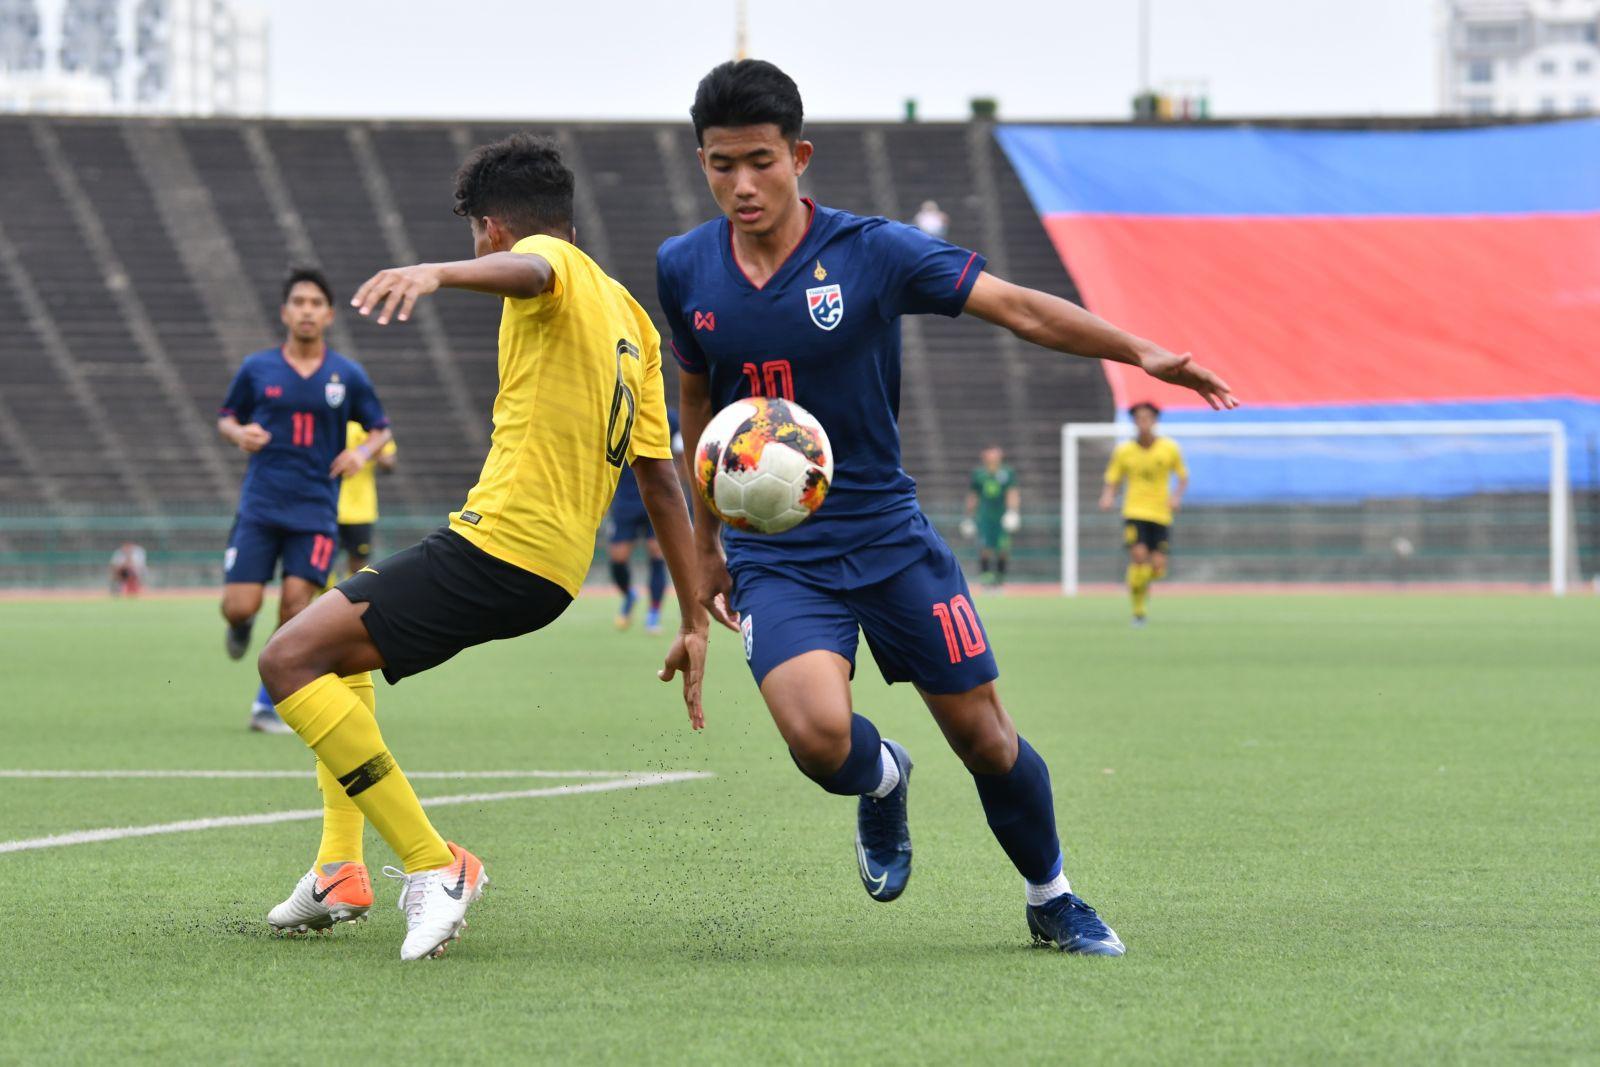 CHOÁNG! Ghi 31 bàn, hiệu số +28, U19 Thái Lan vẫn bị loại ngay từ vòng bảng - Bóng Đá